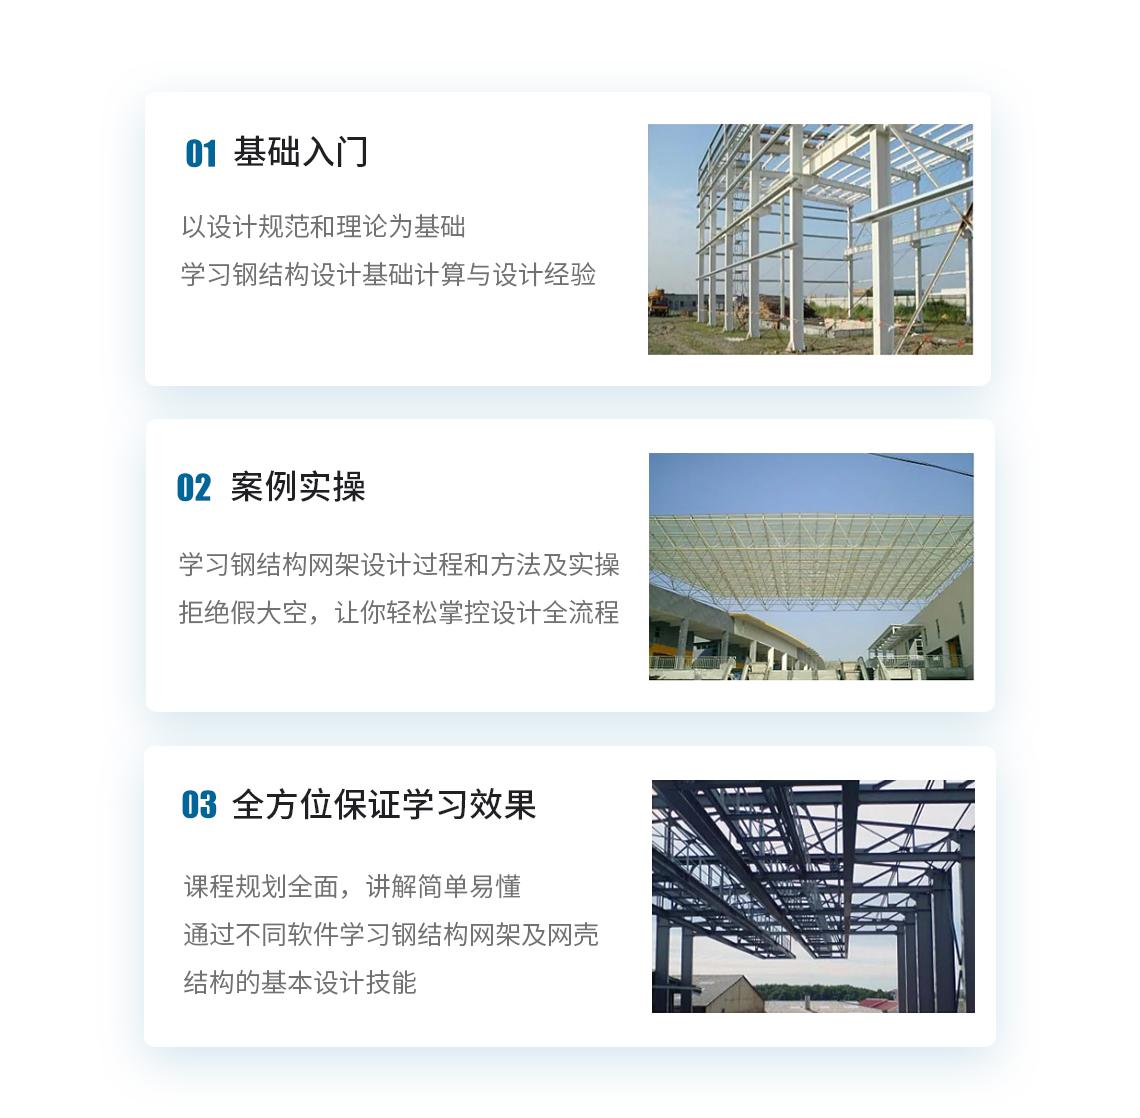 设计理论作基础,案例实操锻炼技能,通过不同软件的使用,学习钢结构网架及网壳结构基本设计技能